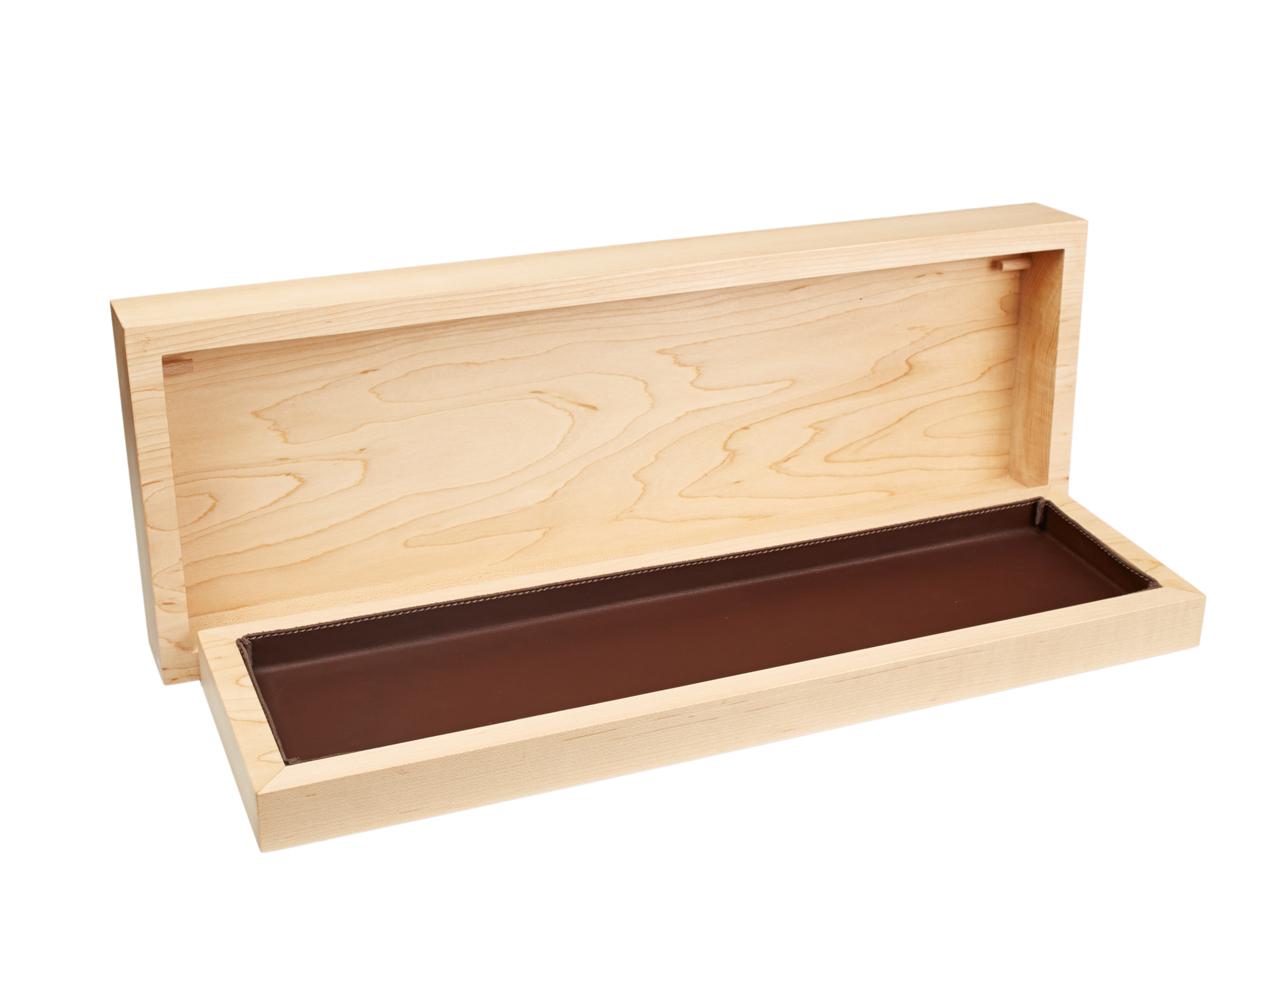 TRONKSandCo-Jewelry-Box-9-ORIGEN